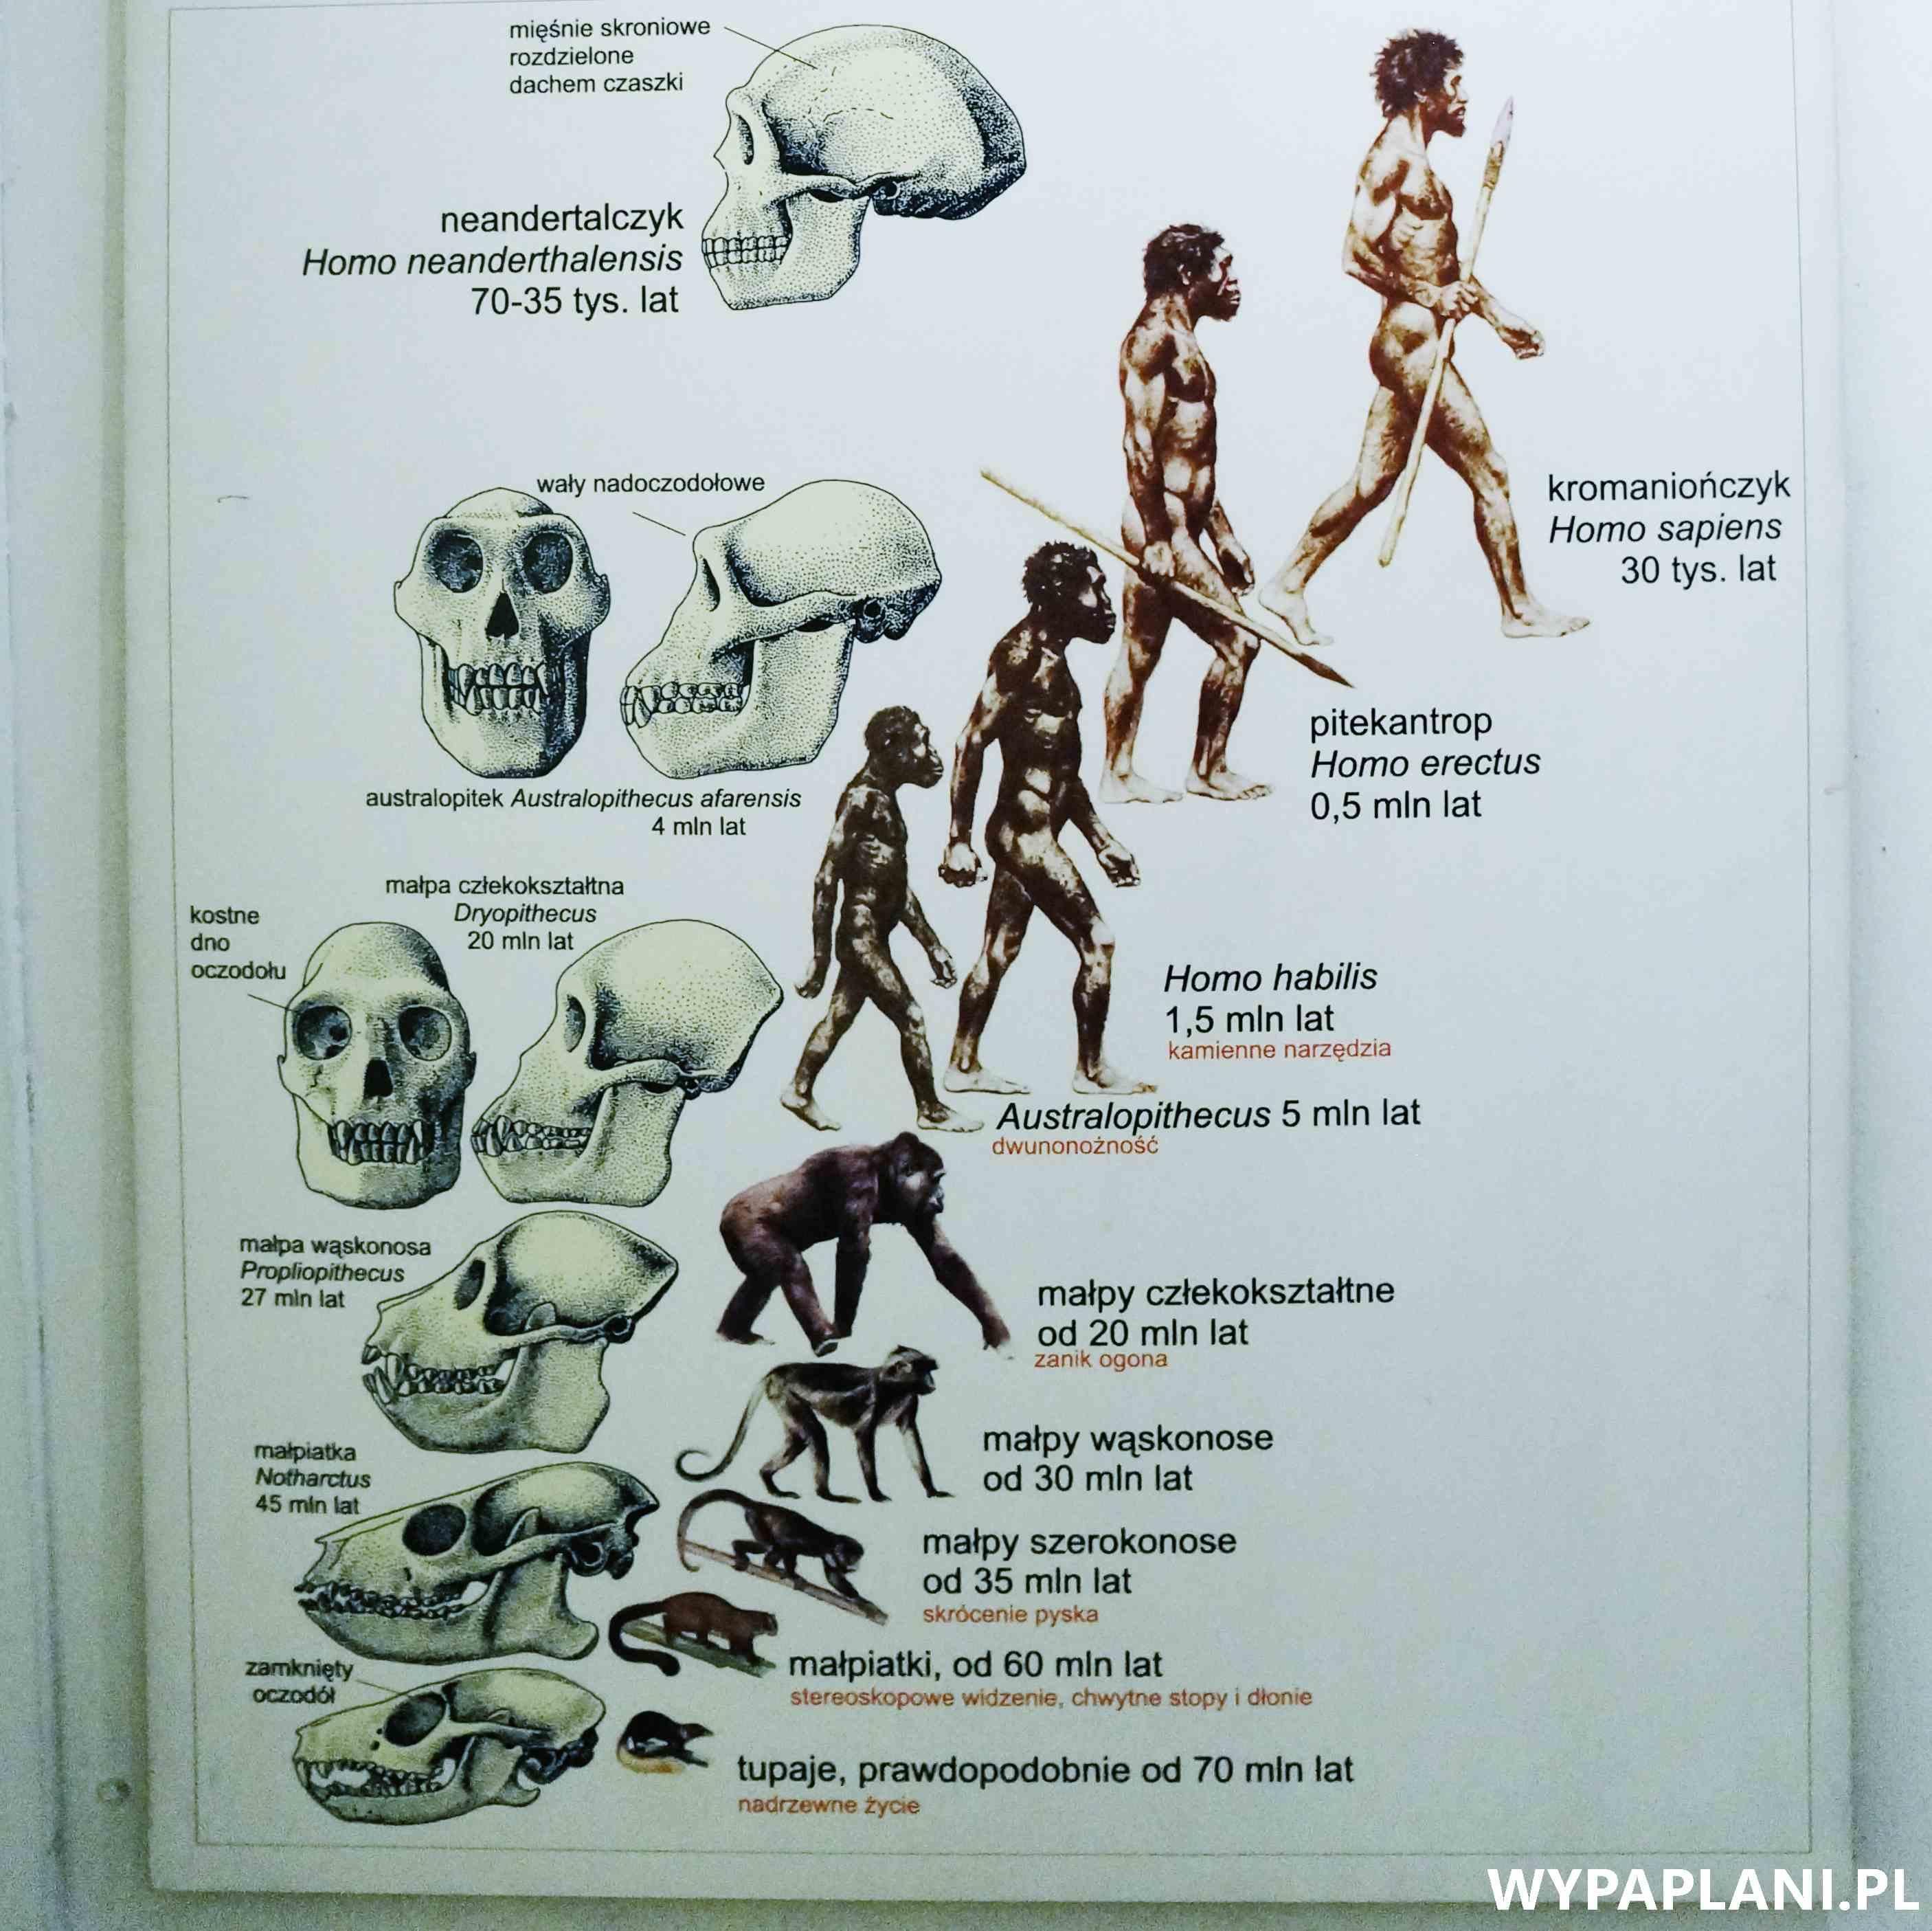 dsc00600_muzeum-ewolucji-warszawa